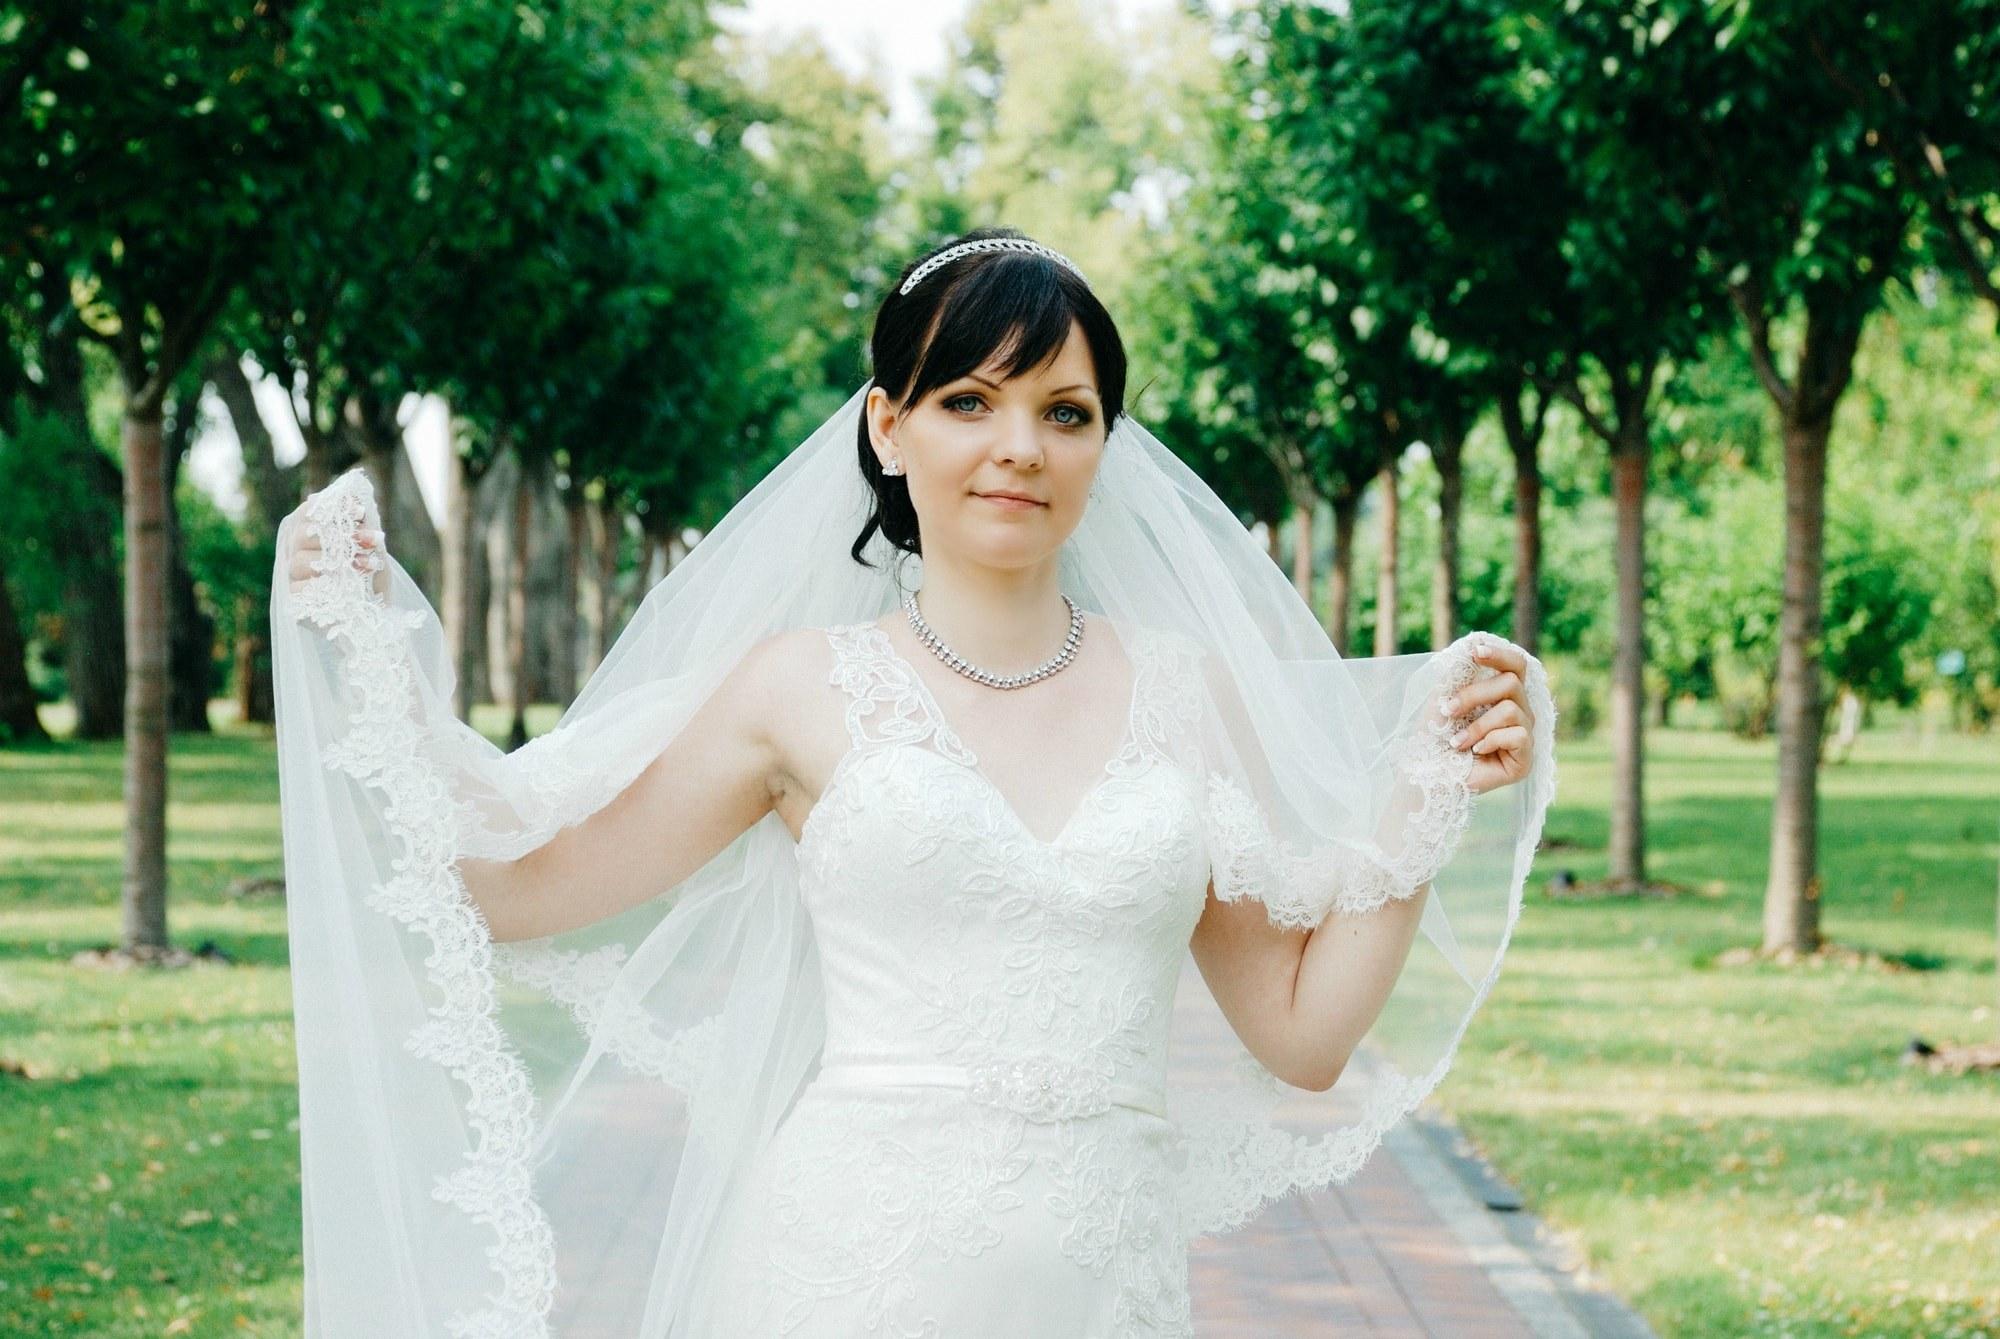 Свадебный день невесты - Фотограф Киев - Женя Лайт